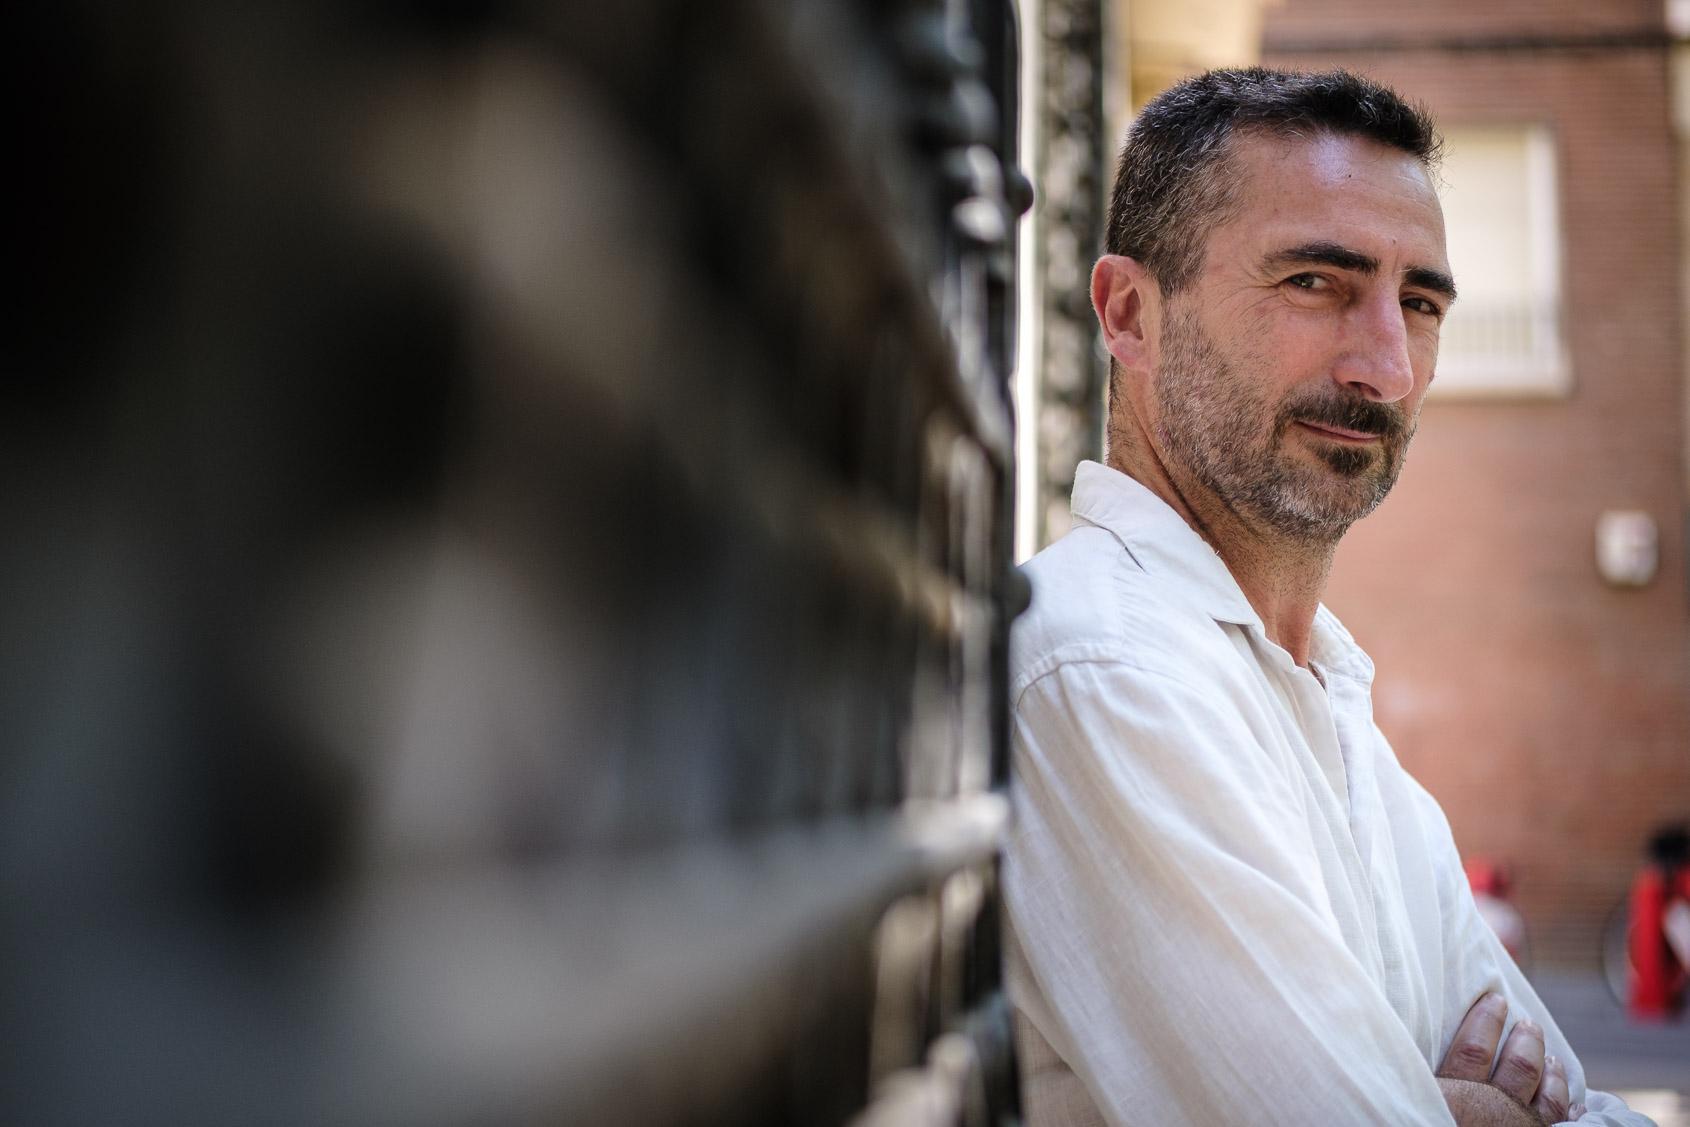 El filòleg i traductor Pau Vidal, el dia de l'entrevista amb El Món / Jordi Borràs